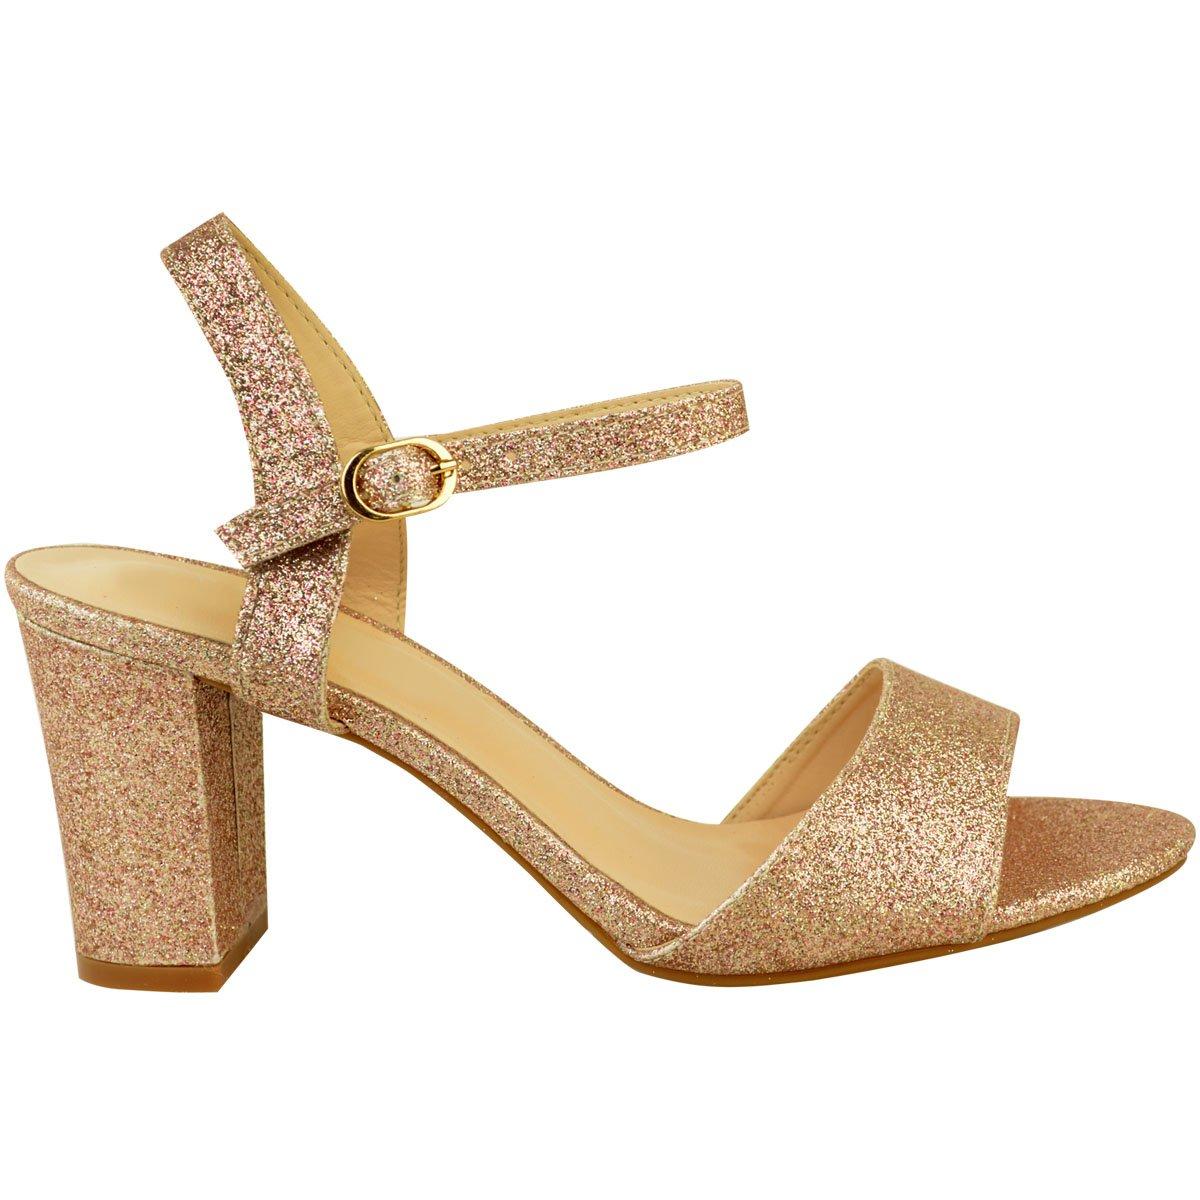 6ff343349 Fashion Thirsty heelberry Mujer Tacón Bajo Fiesta Boda Sandalias de Purpurina  Zapatos Boda Baile Graduación Talla  Amazon.es  Zapatos y complementos